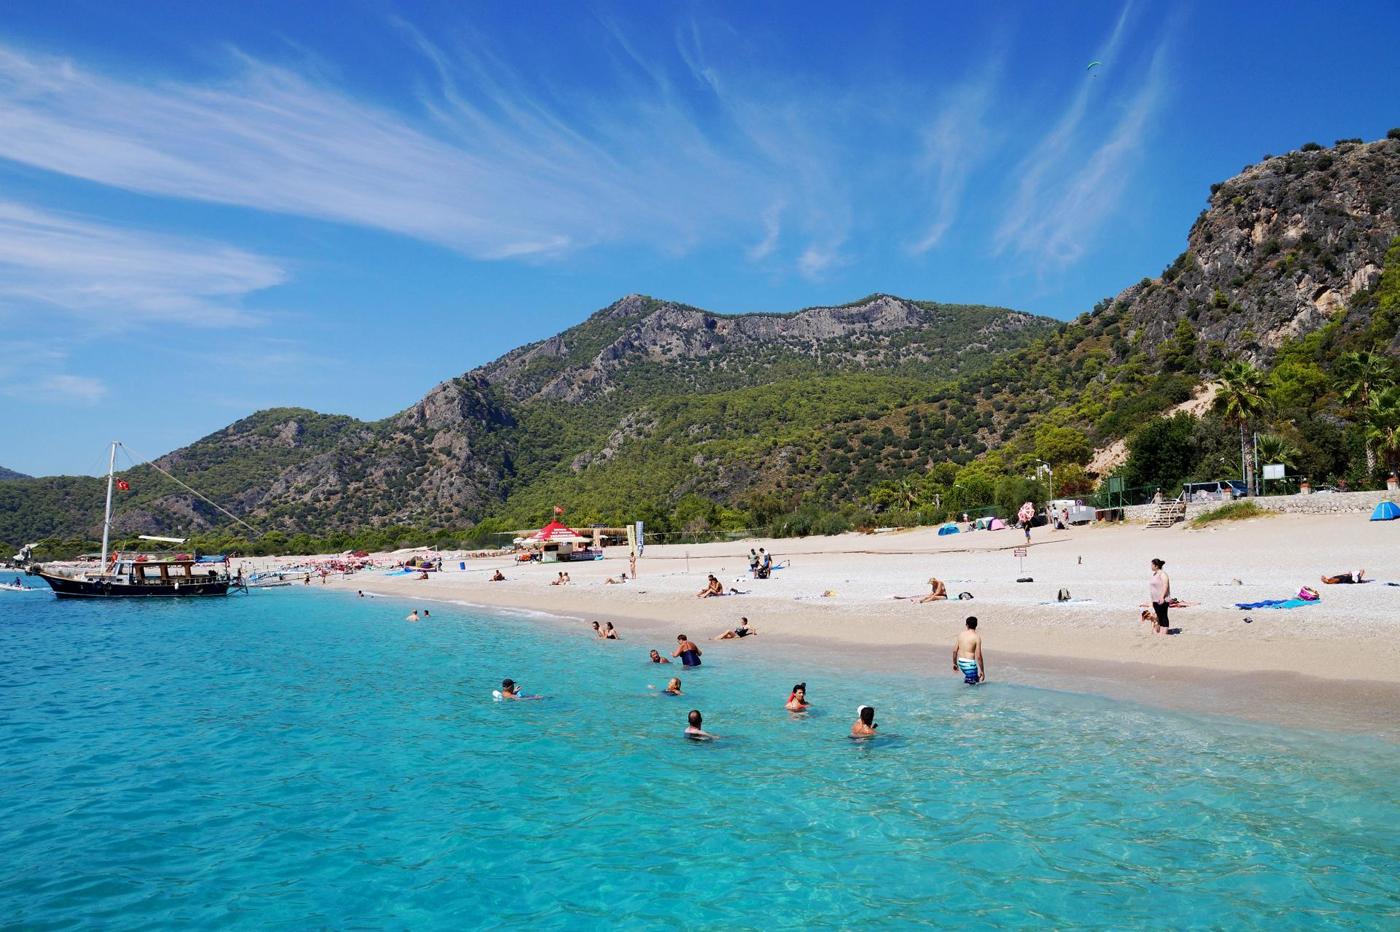 Где лучше отдыхать в Турции: сравнение курортов, цен, пляжей